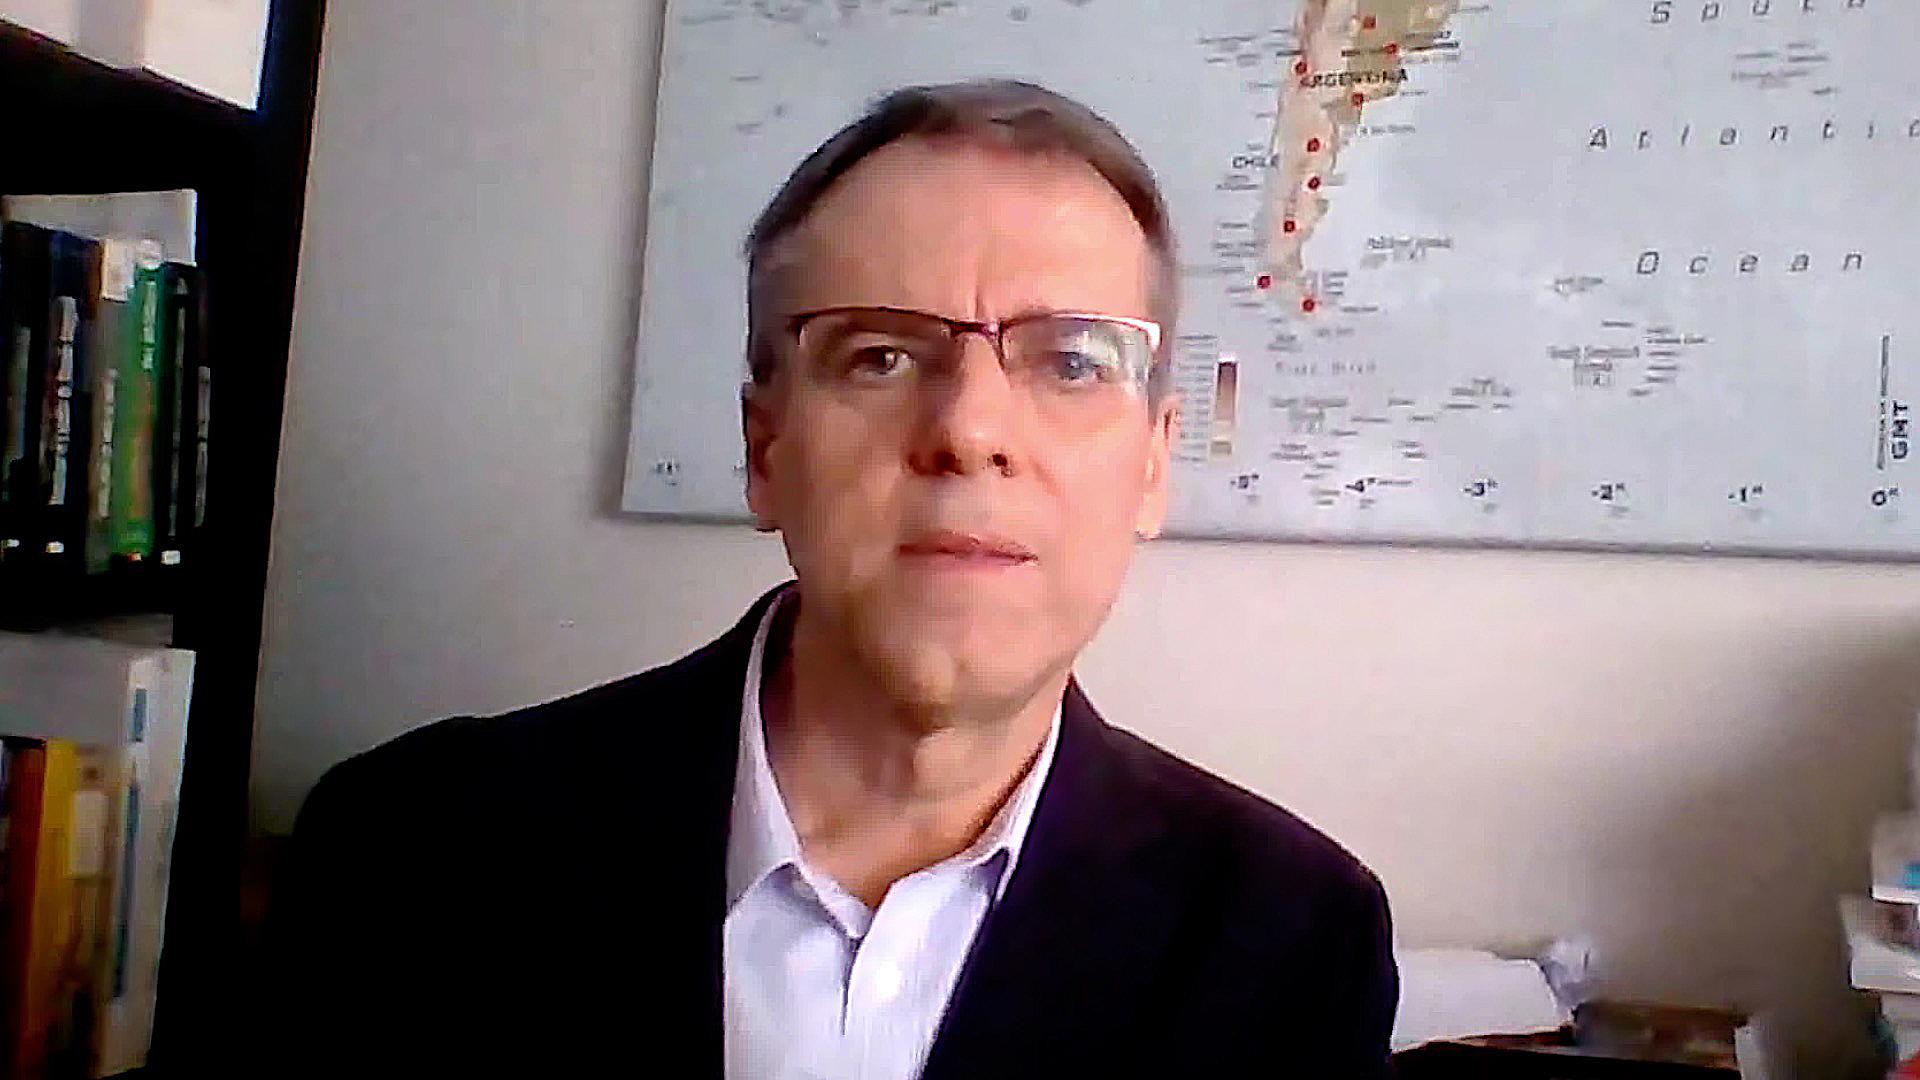 Oriol Amat, Decano de la UPF-BSM, Vicedecano del CEC y Vicepresidente de ACCID